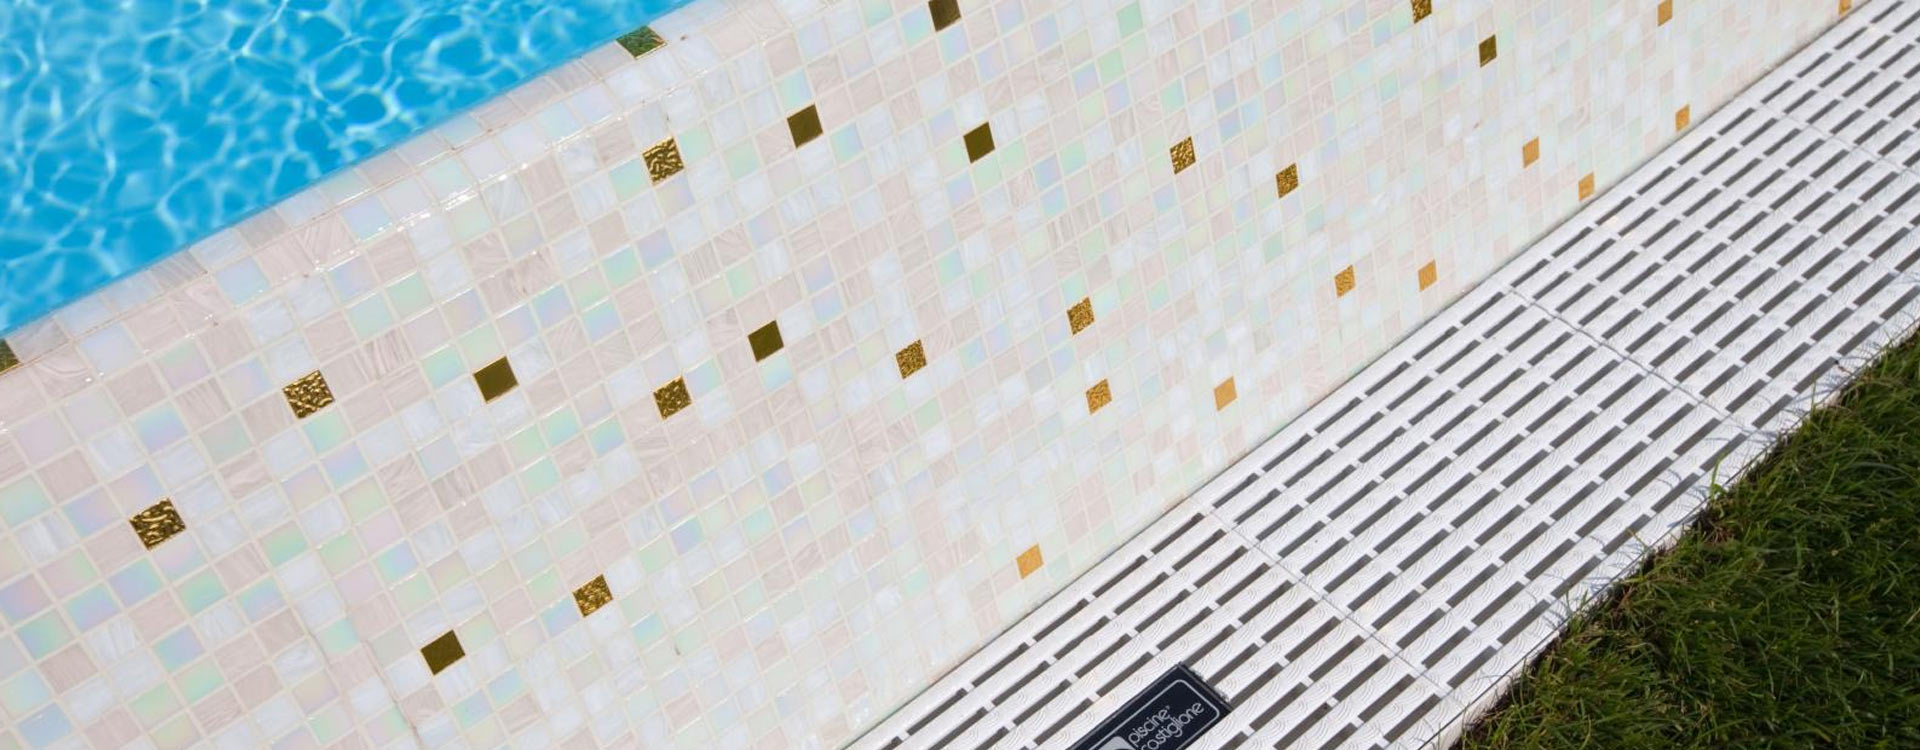 Finiture piscine piastrelle mosaico pvc queens piscine - Rivestimento piastrelle per piscine ...